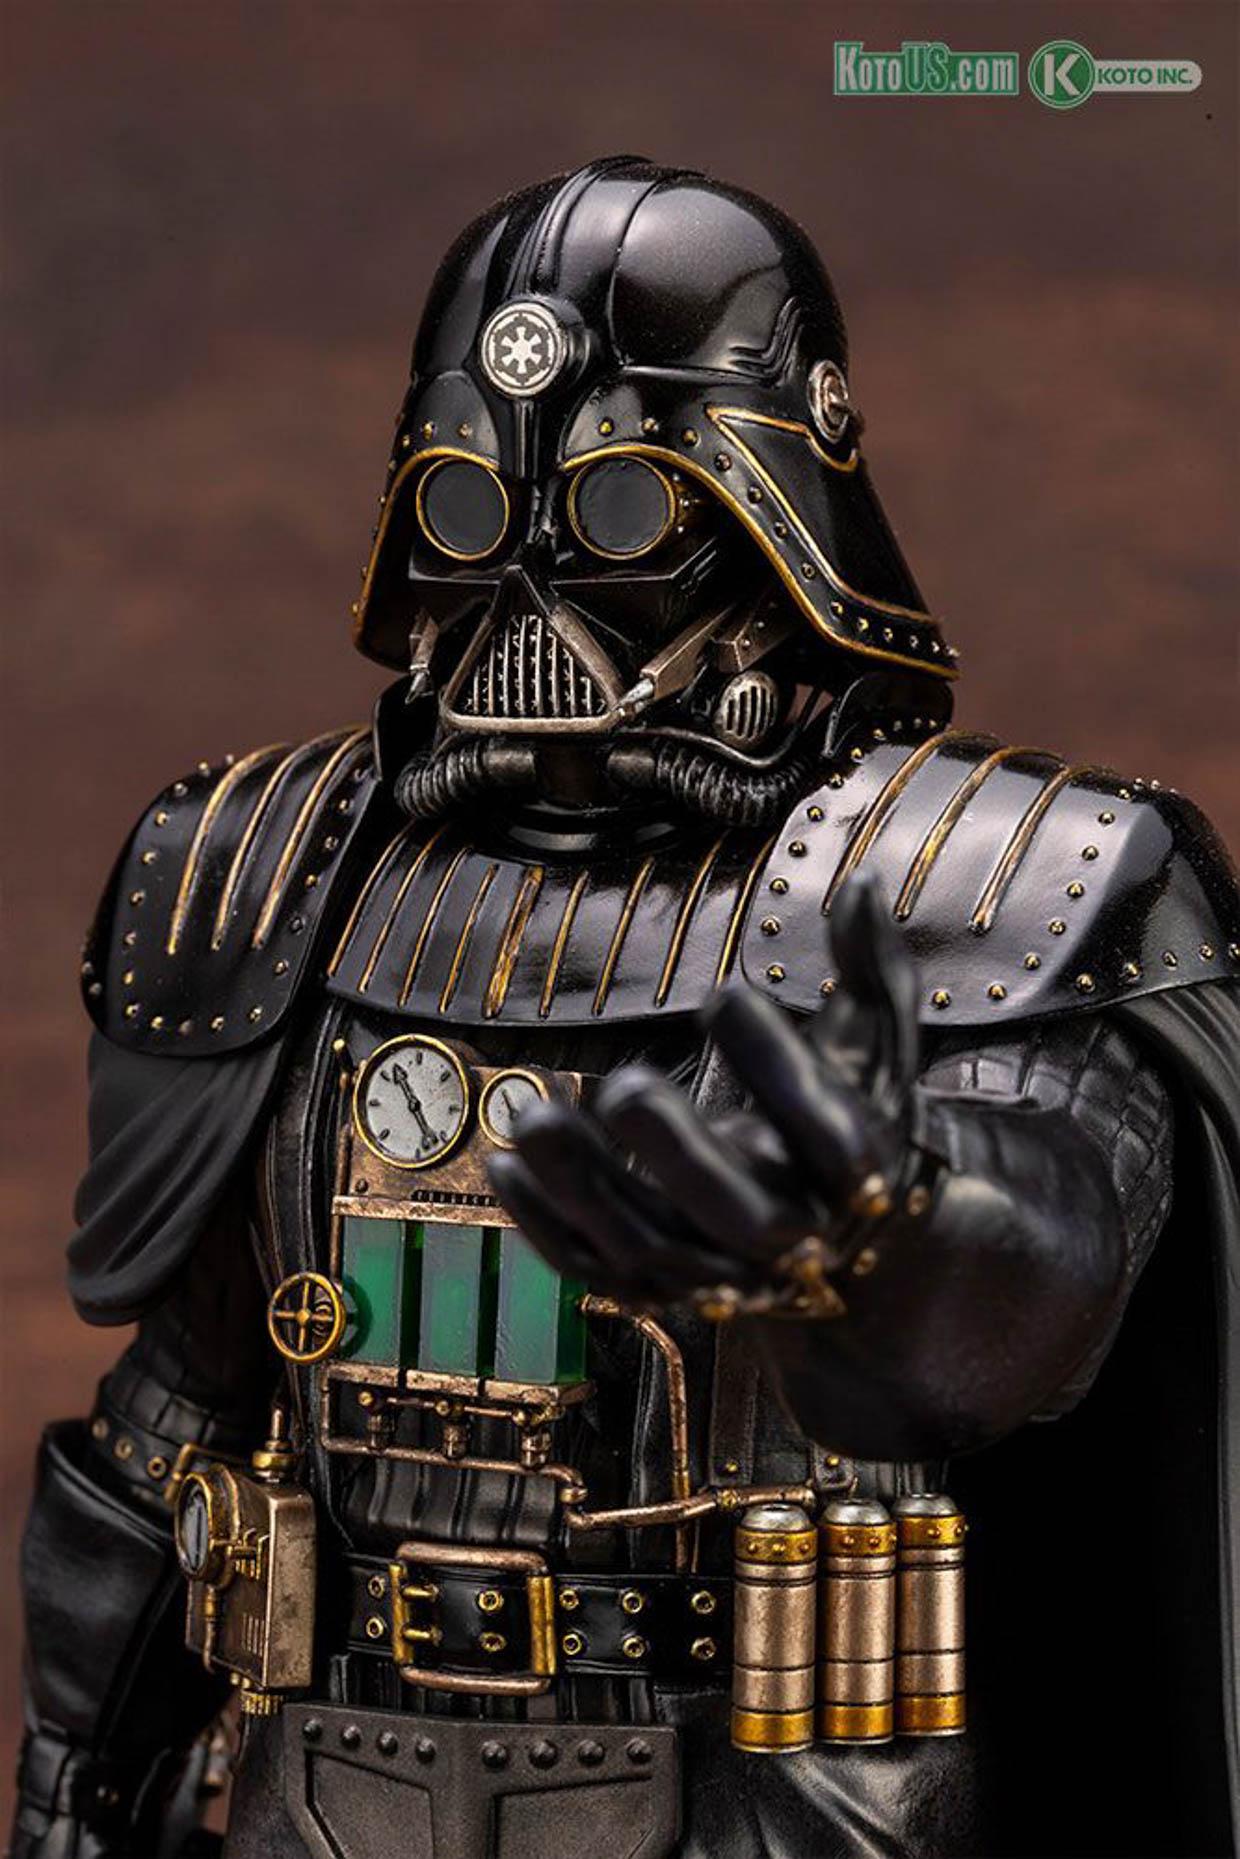 Kotobukiya Darth Vader Industrial Empire Edition